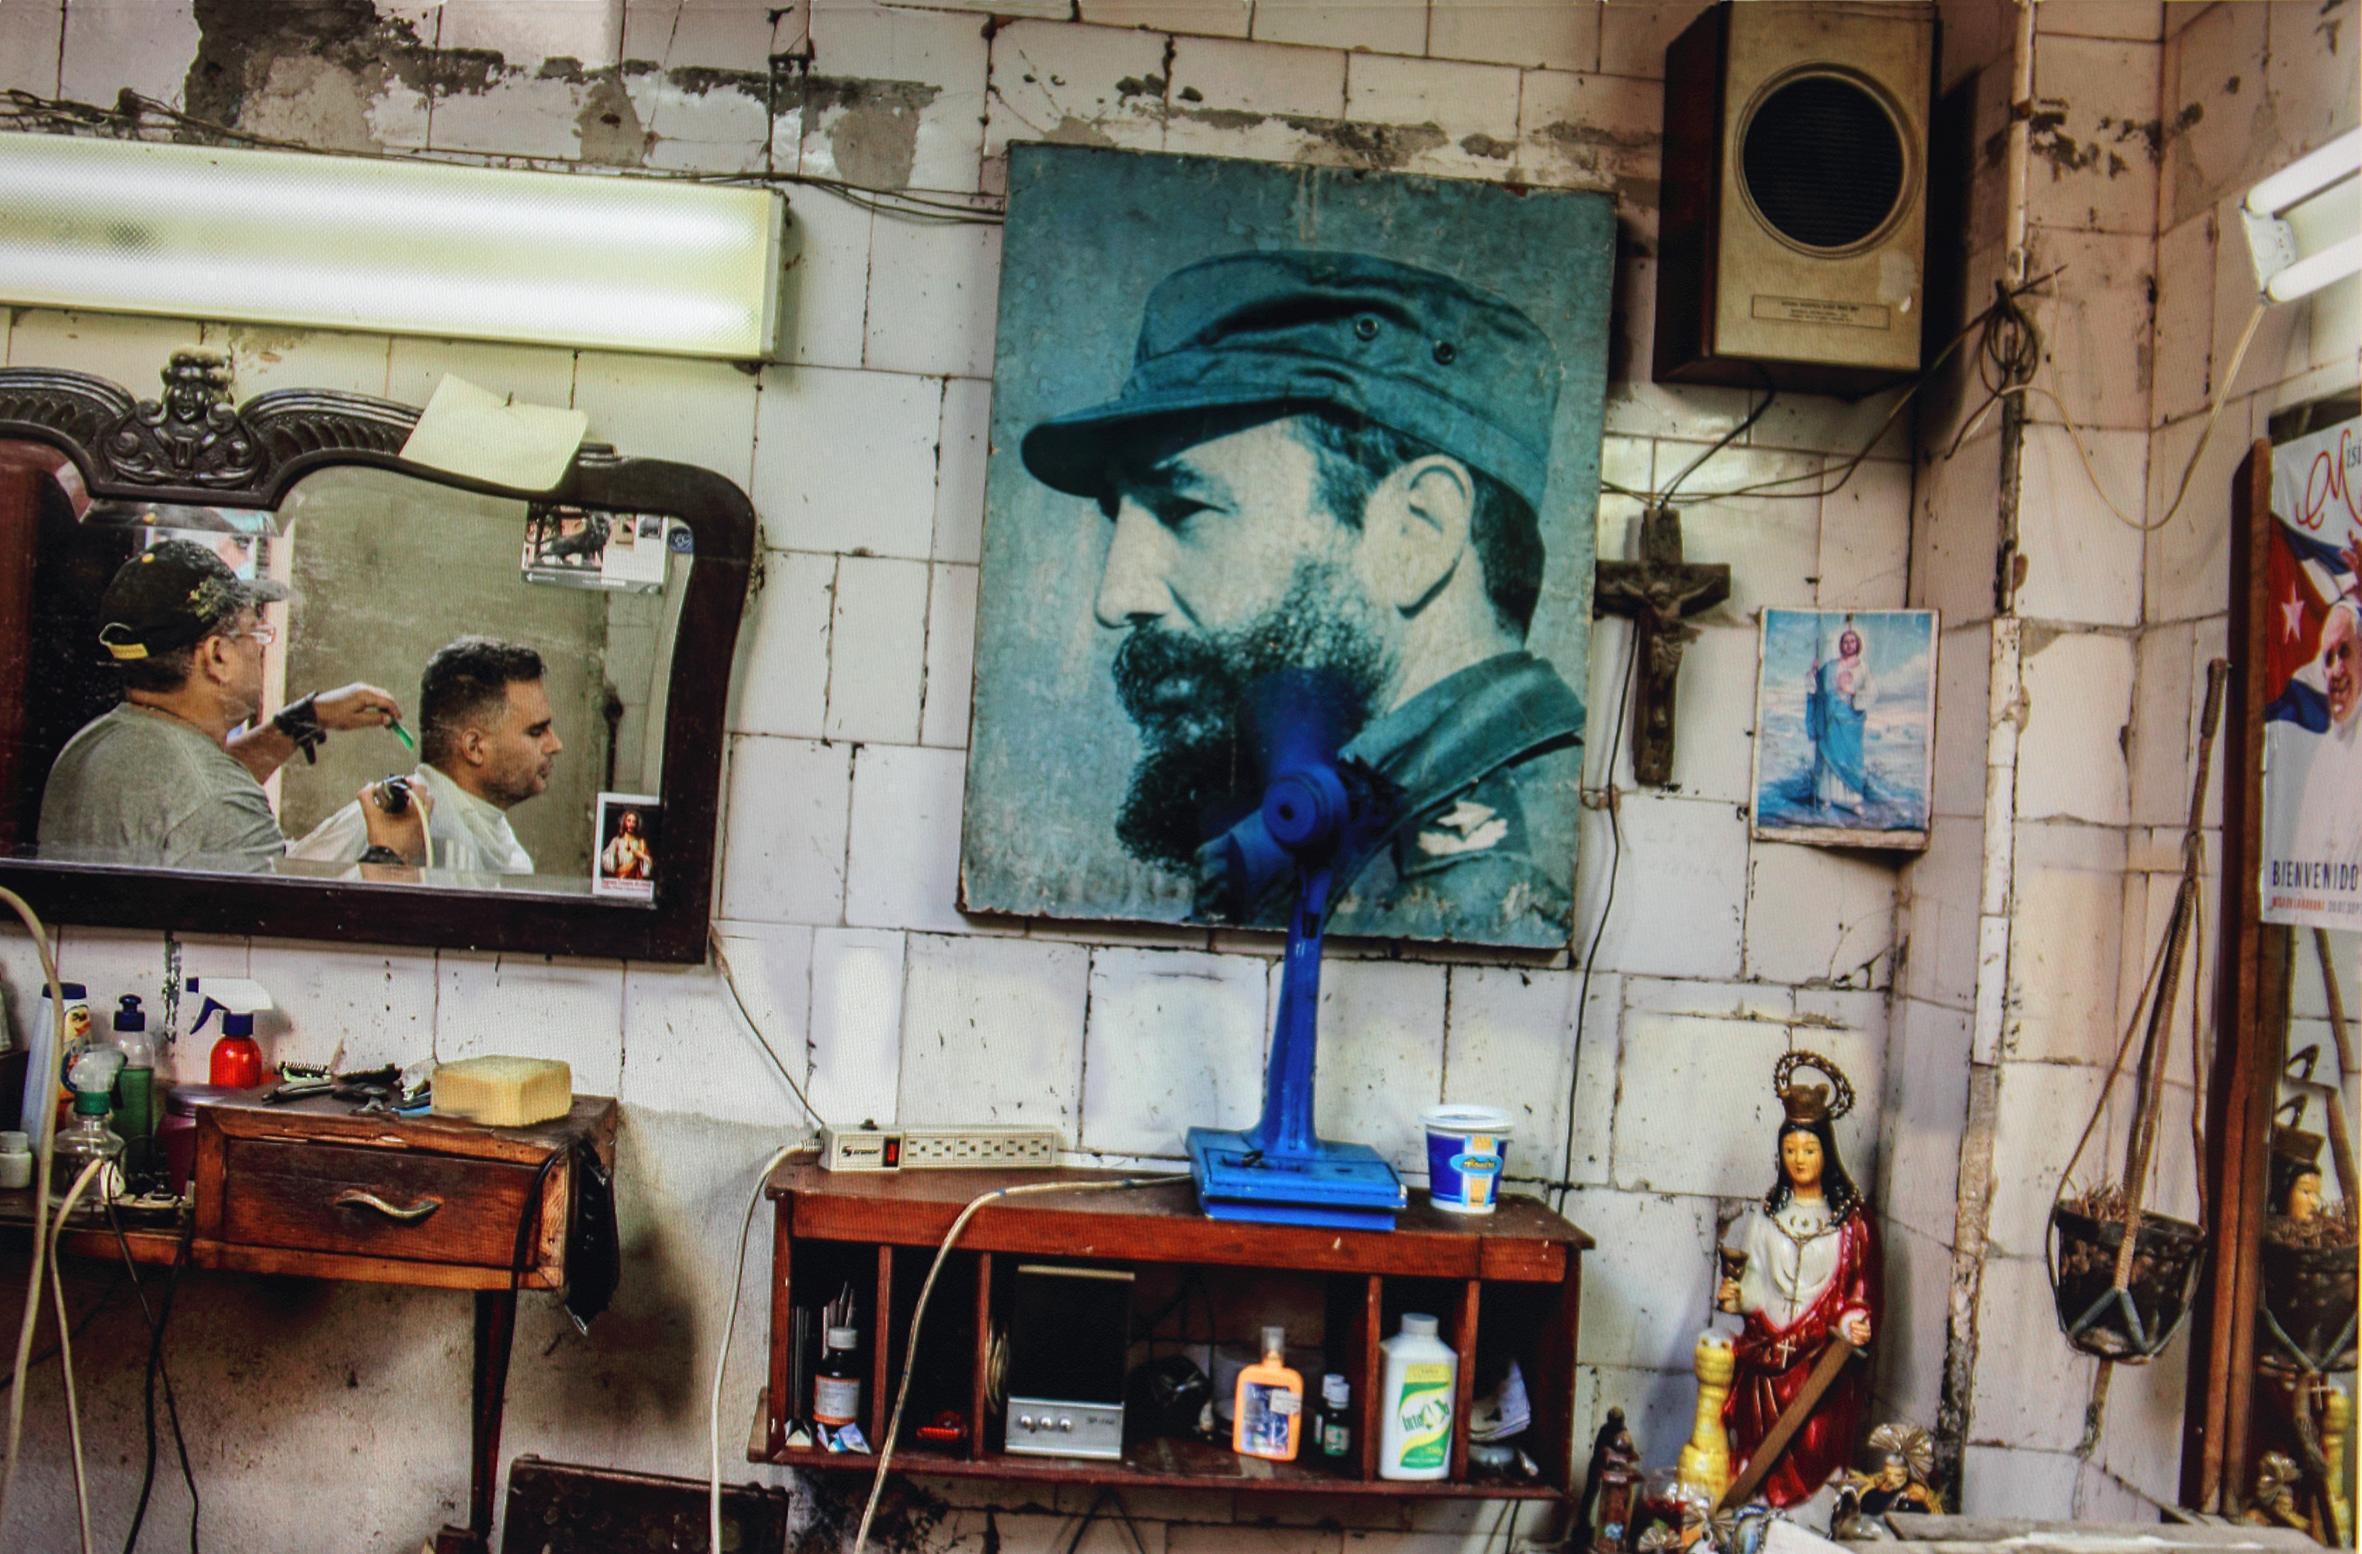 ВСантьяго-де-Куба завершились похороны Фиделя Кастро